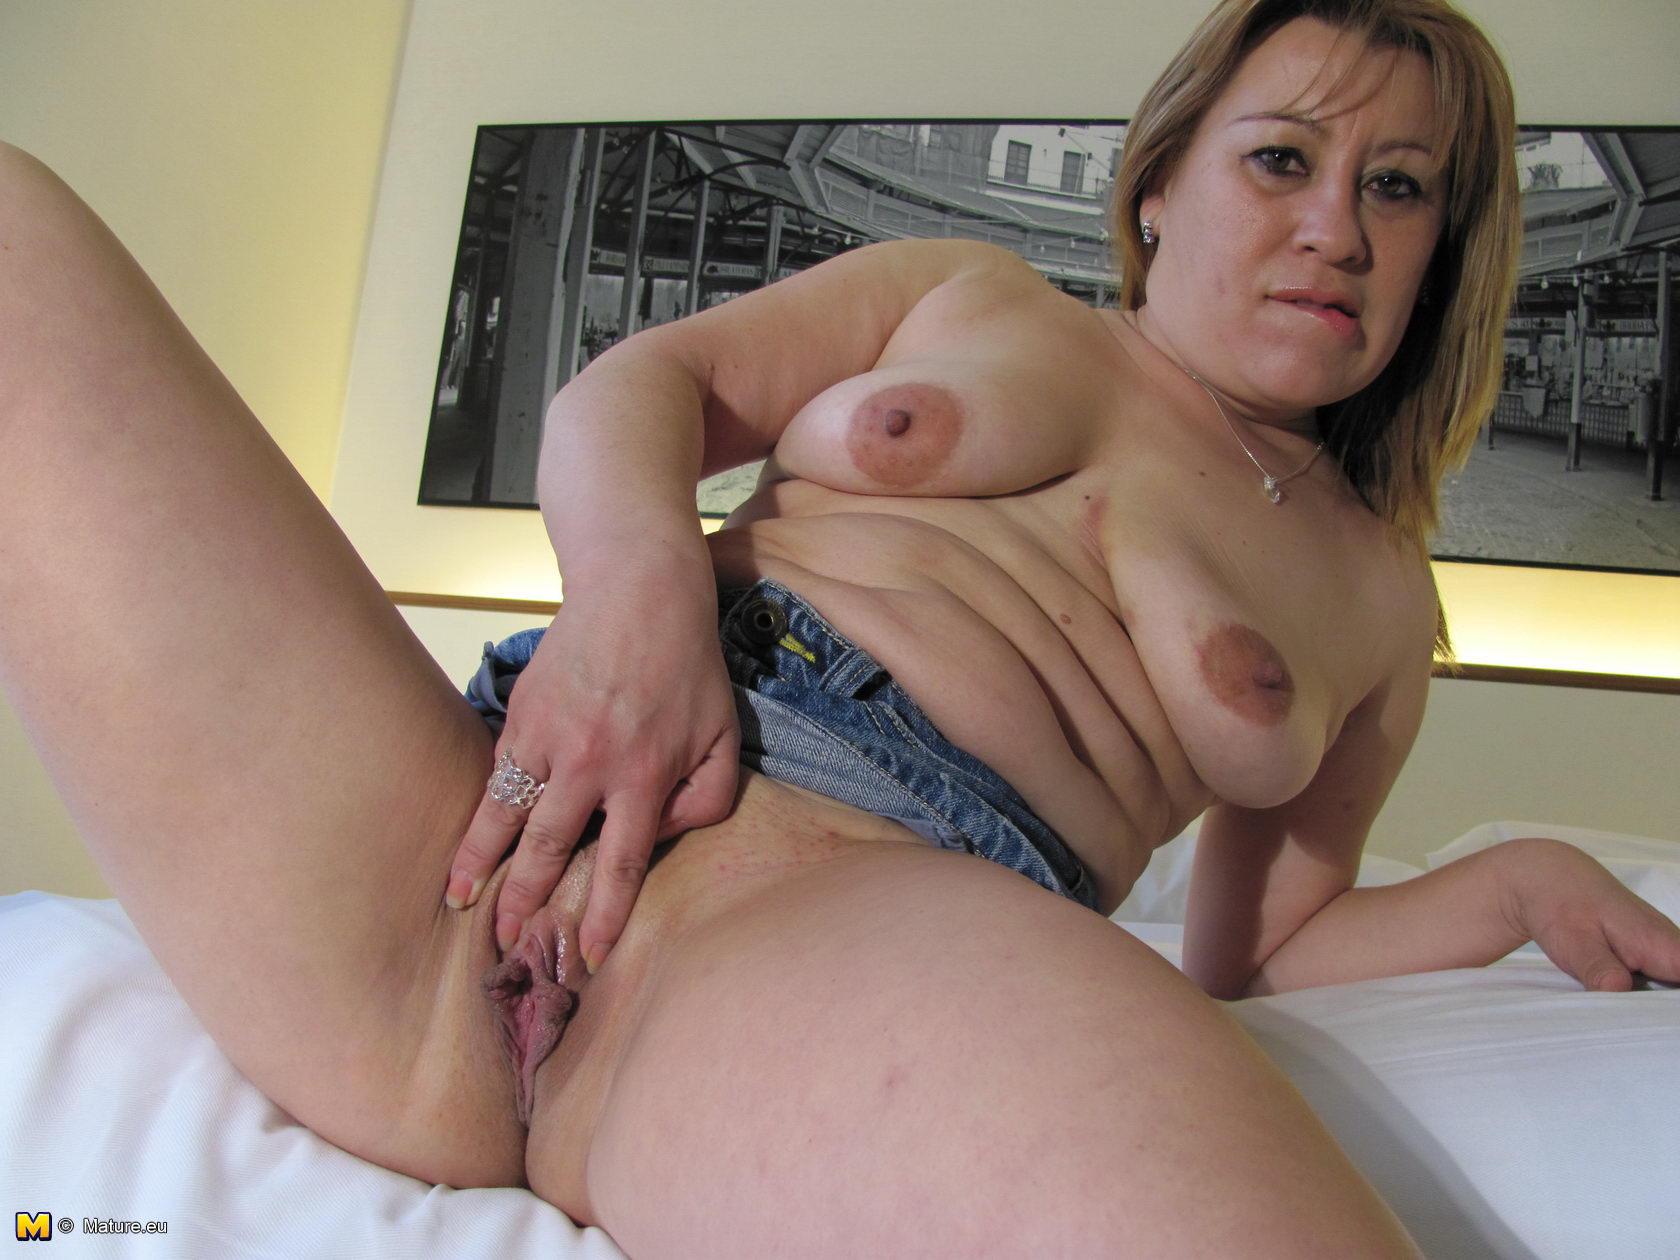 Mature women sex acts